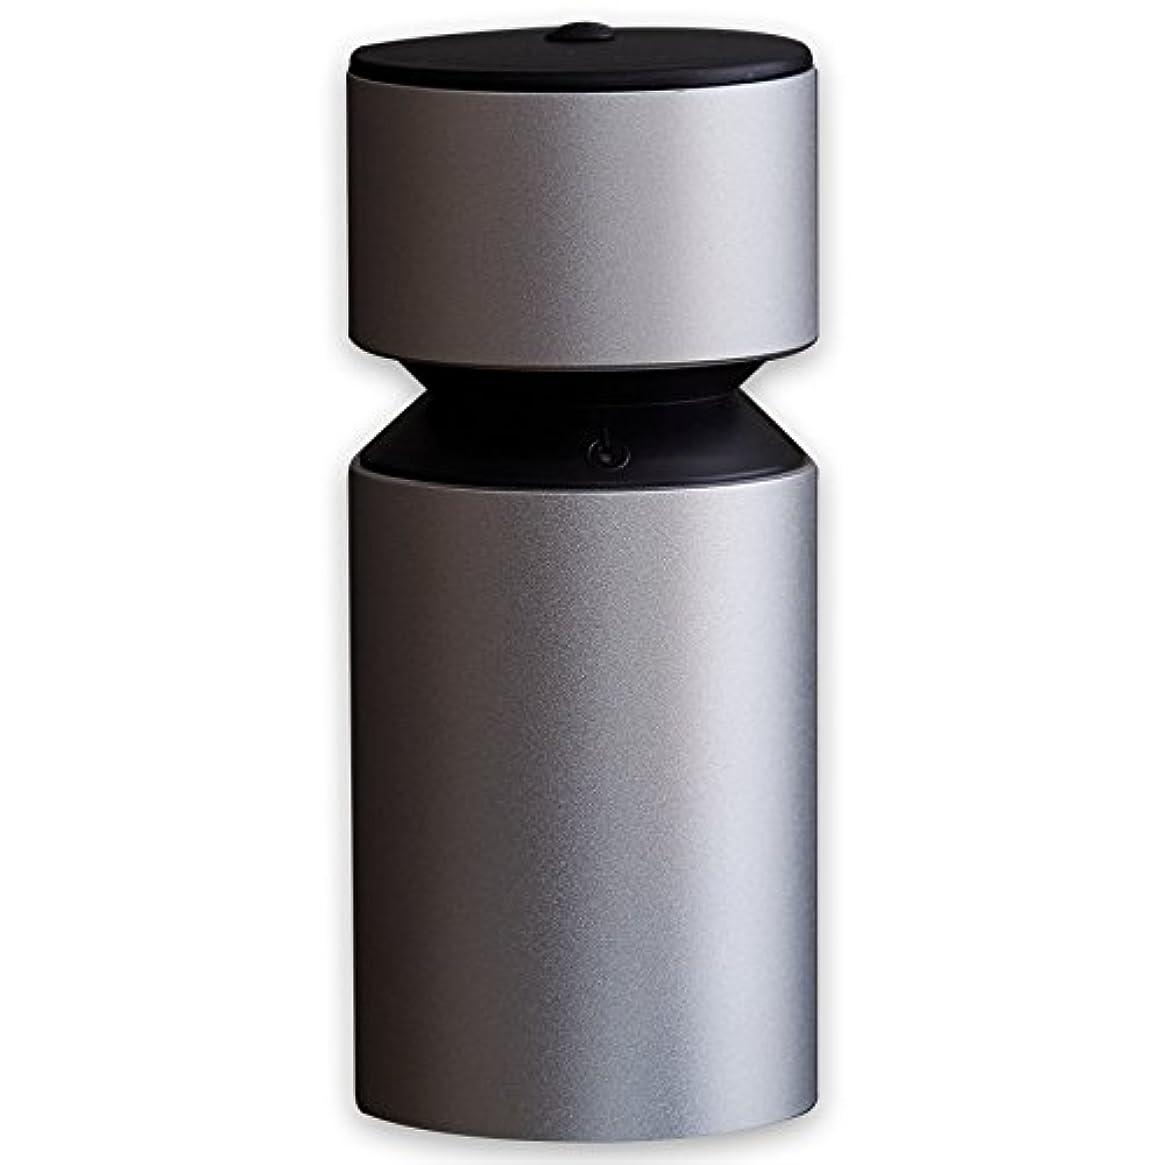 無臭一般的に言えば外交アロマディフューザー UR-AROMA03 卓上 小型 加湿器 Uruon(ウルオン) オーガニックアロマオイル対応 天然アロマオイル AROMA ポータブル usb コンパクト 充電式 タンブラー 2way アロマドロップ方式